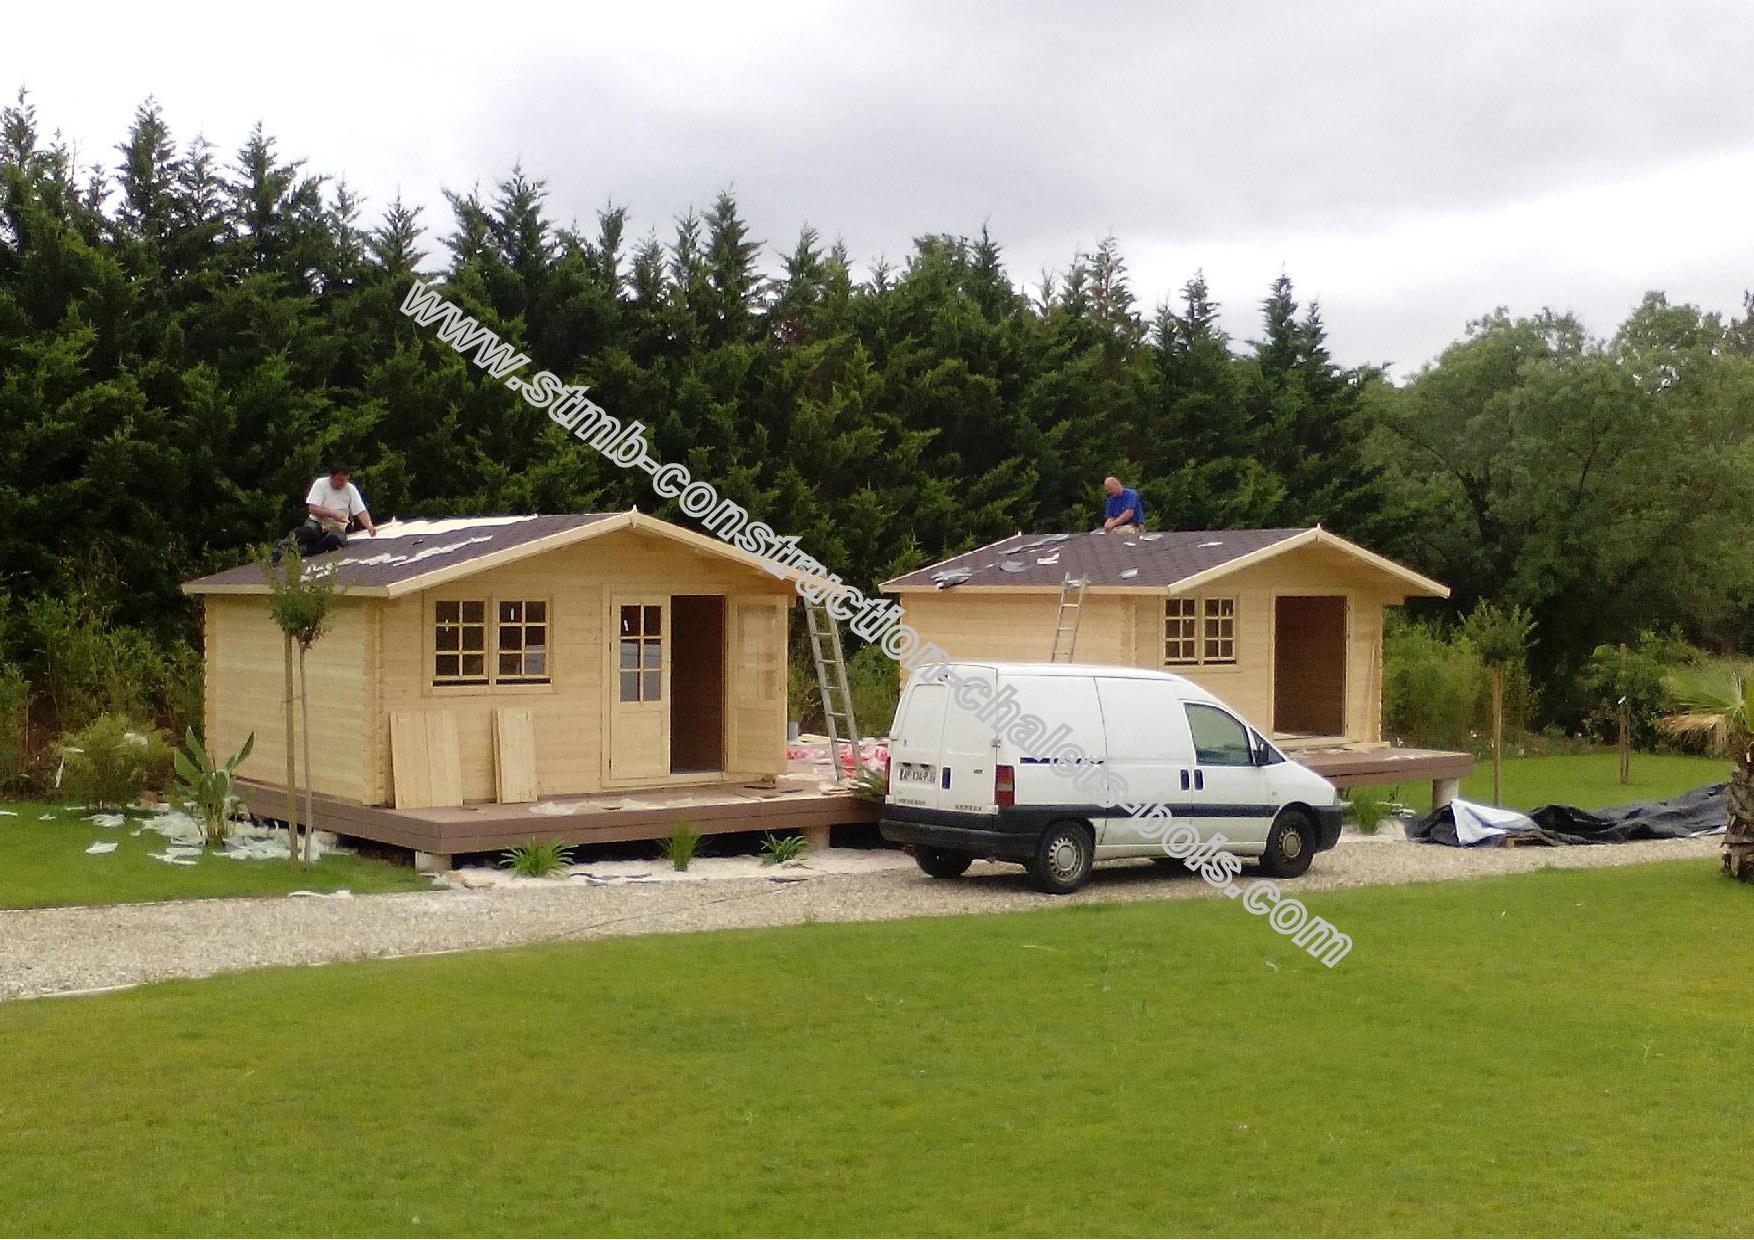 stmb-construction-chalets-bois.com/medias/images/photo2-hd-prod-chalet-bois-sapin-20-m2.jpg